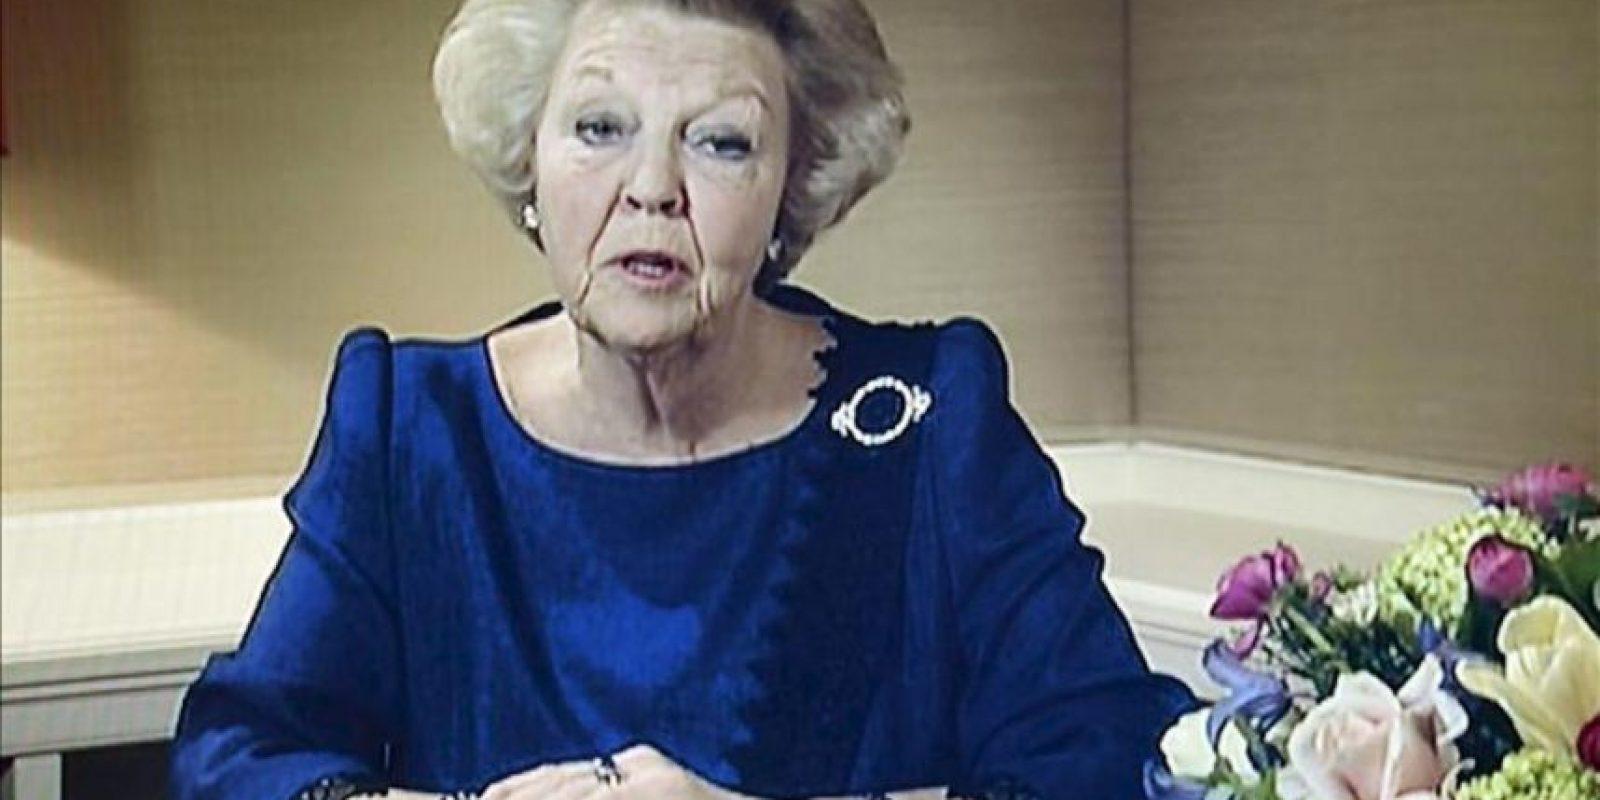 Captura de una imagen del canal de televisión holandés NOS, de la reina Beatriz de Holanda durante el anuncio de su abdicación tras casi 33 años en el trono, en Rijswijk, Holanda, el 28 de enero de 2013. EFE